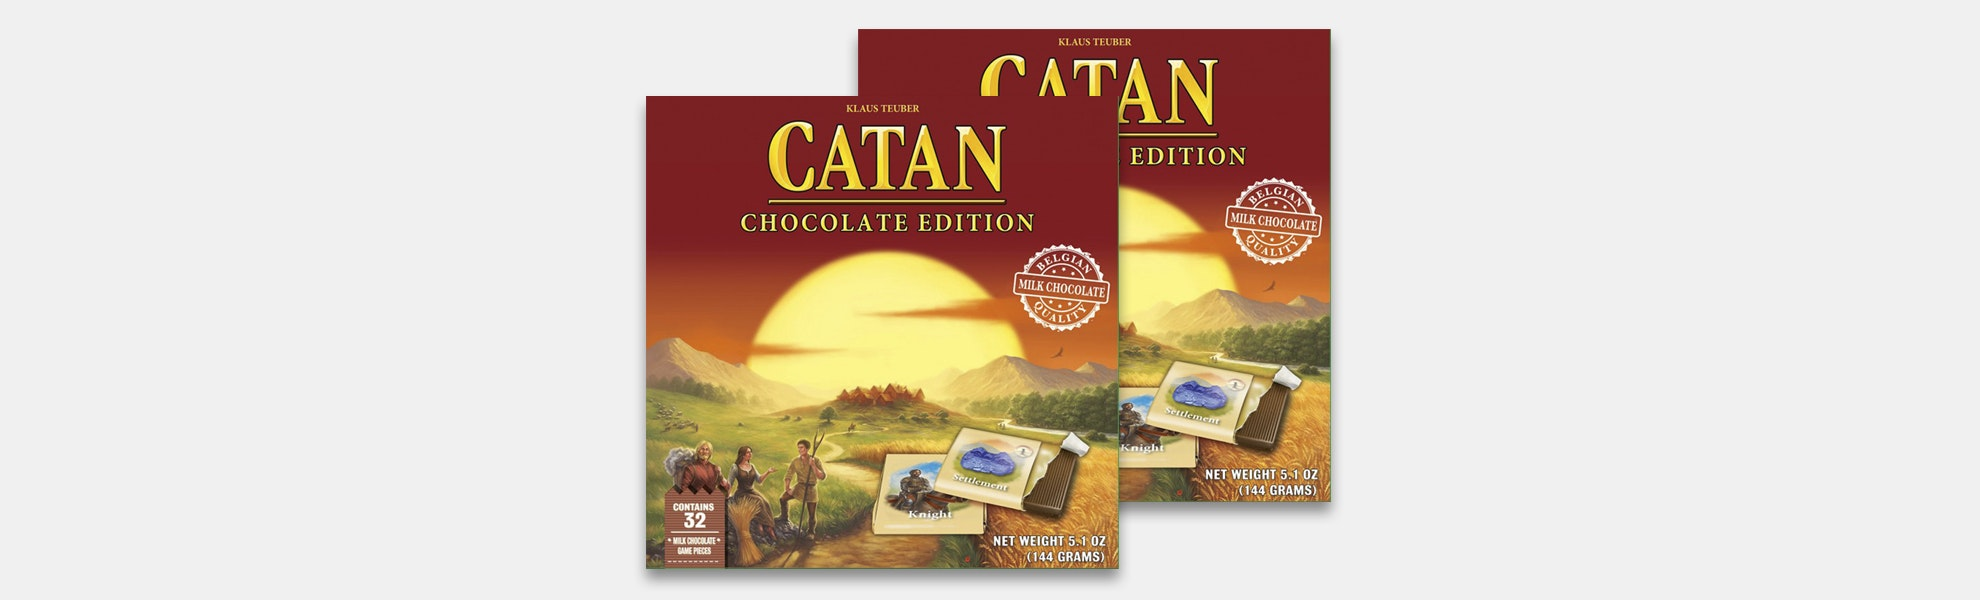 Chocolate Catan (2-Pack)